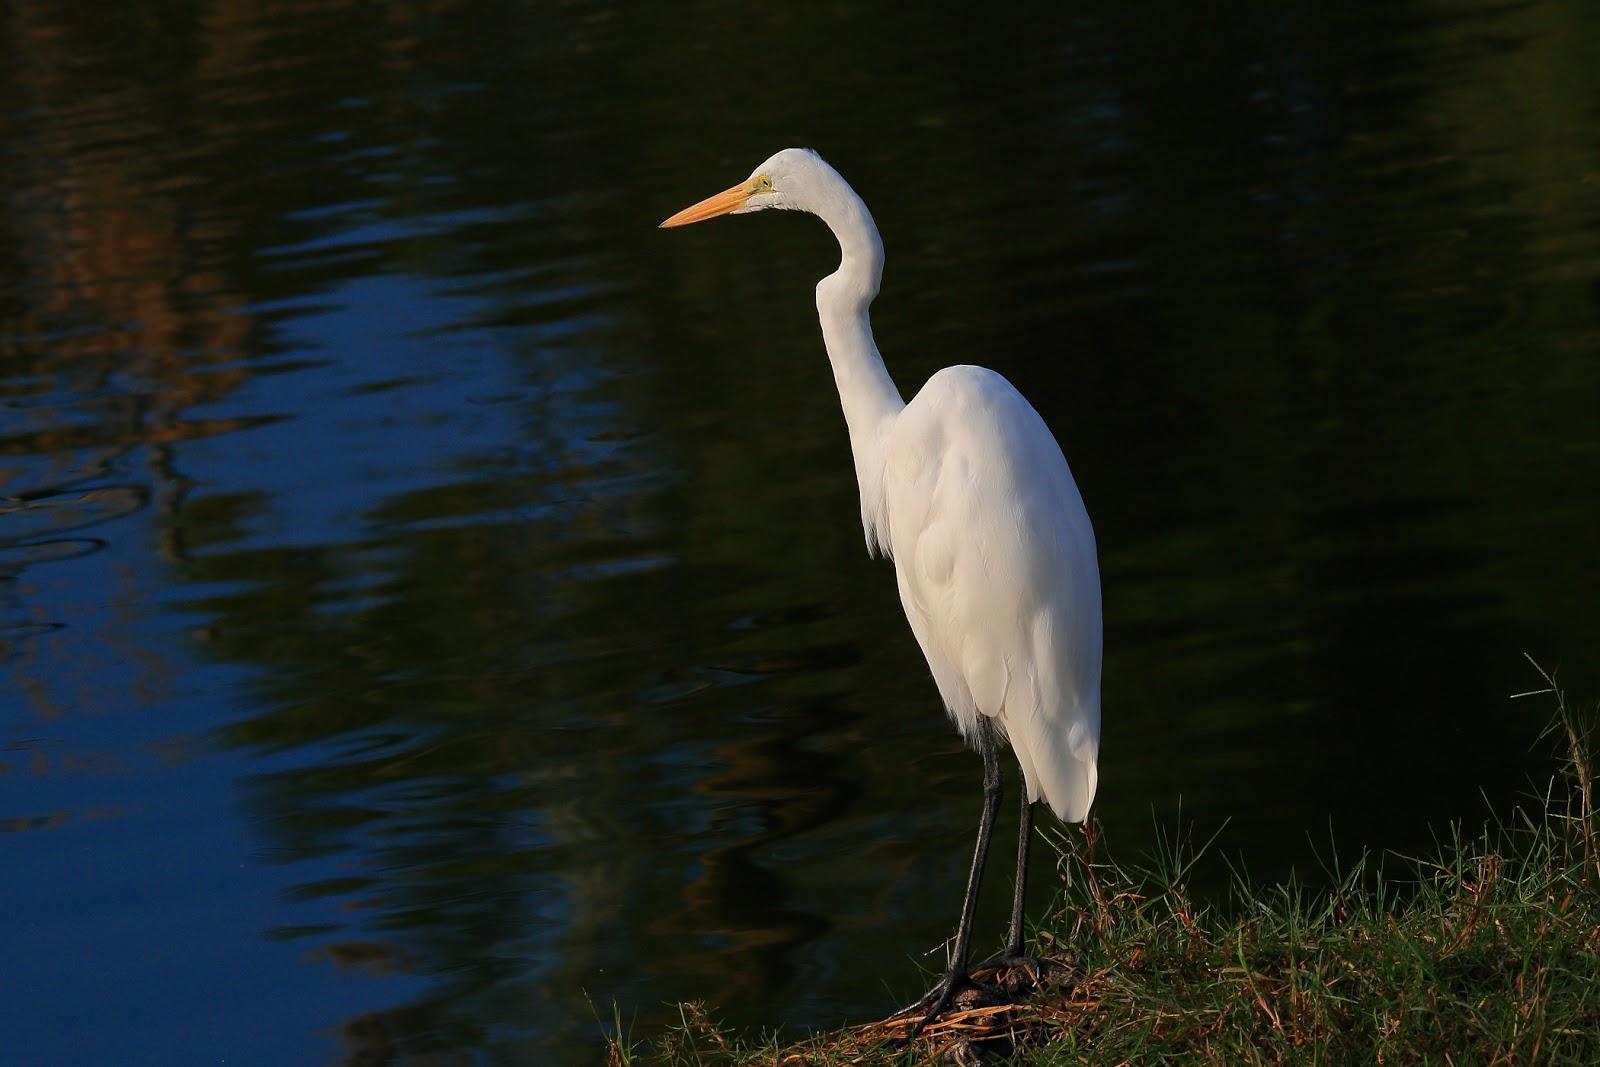 雀鳥攝影: 大白鷺 @ 幾乎所有濕地